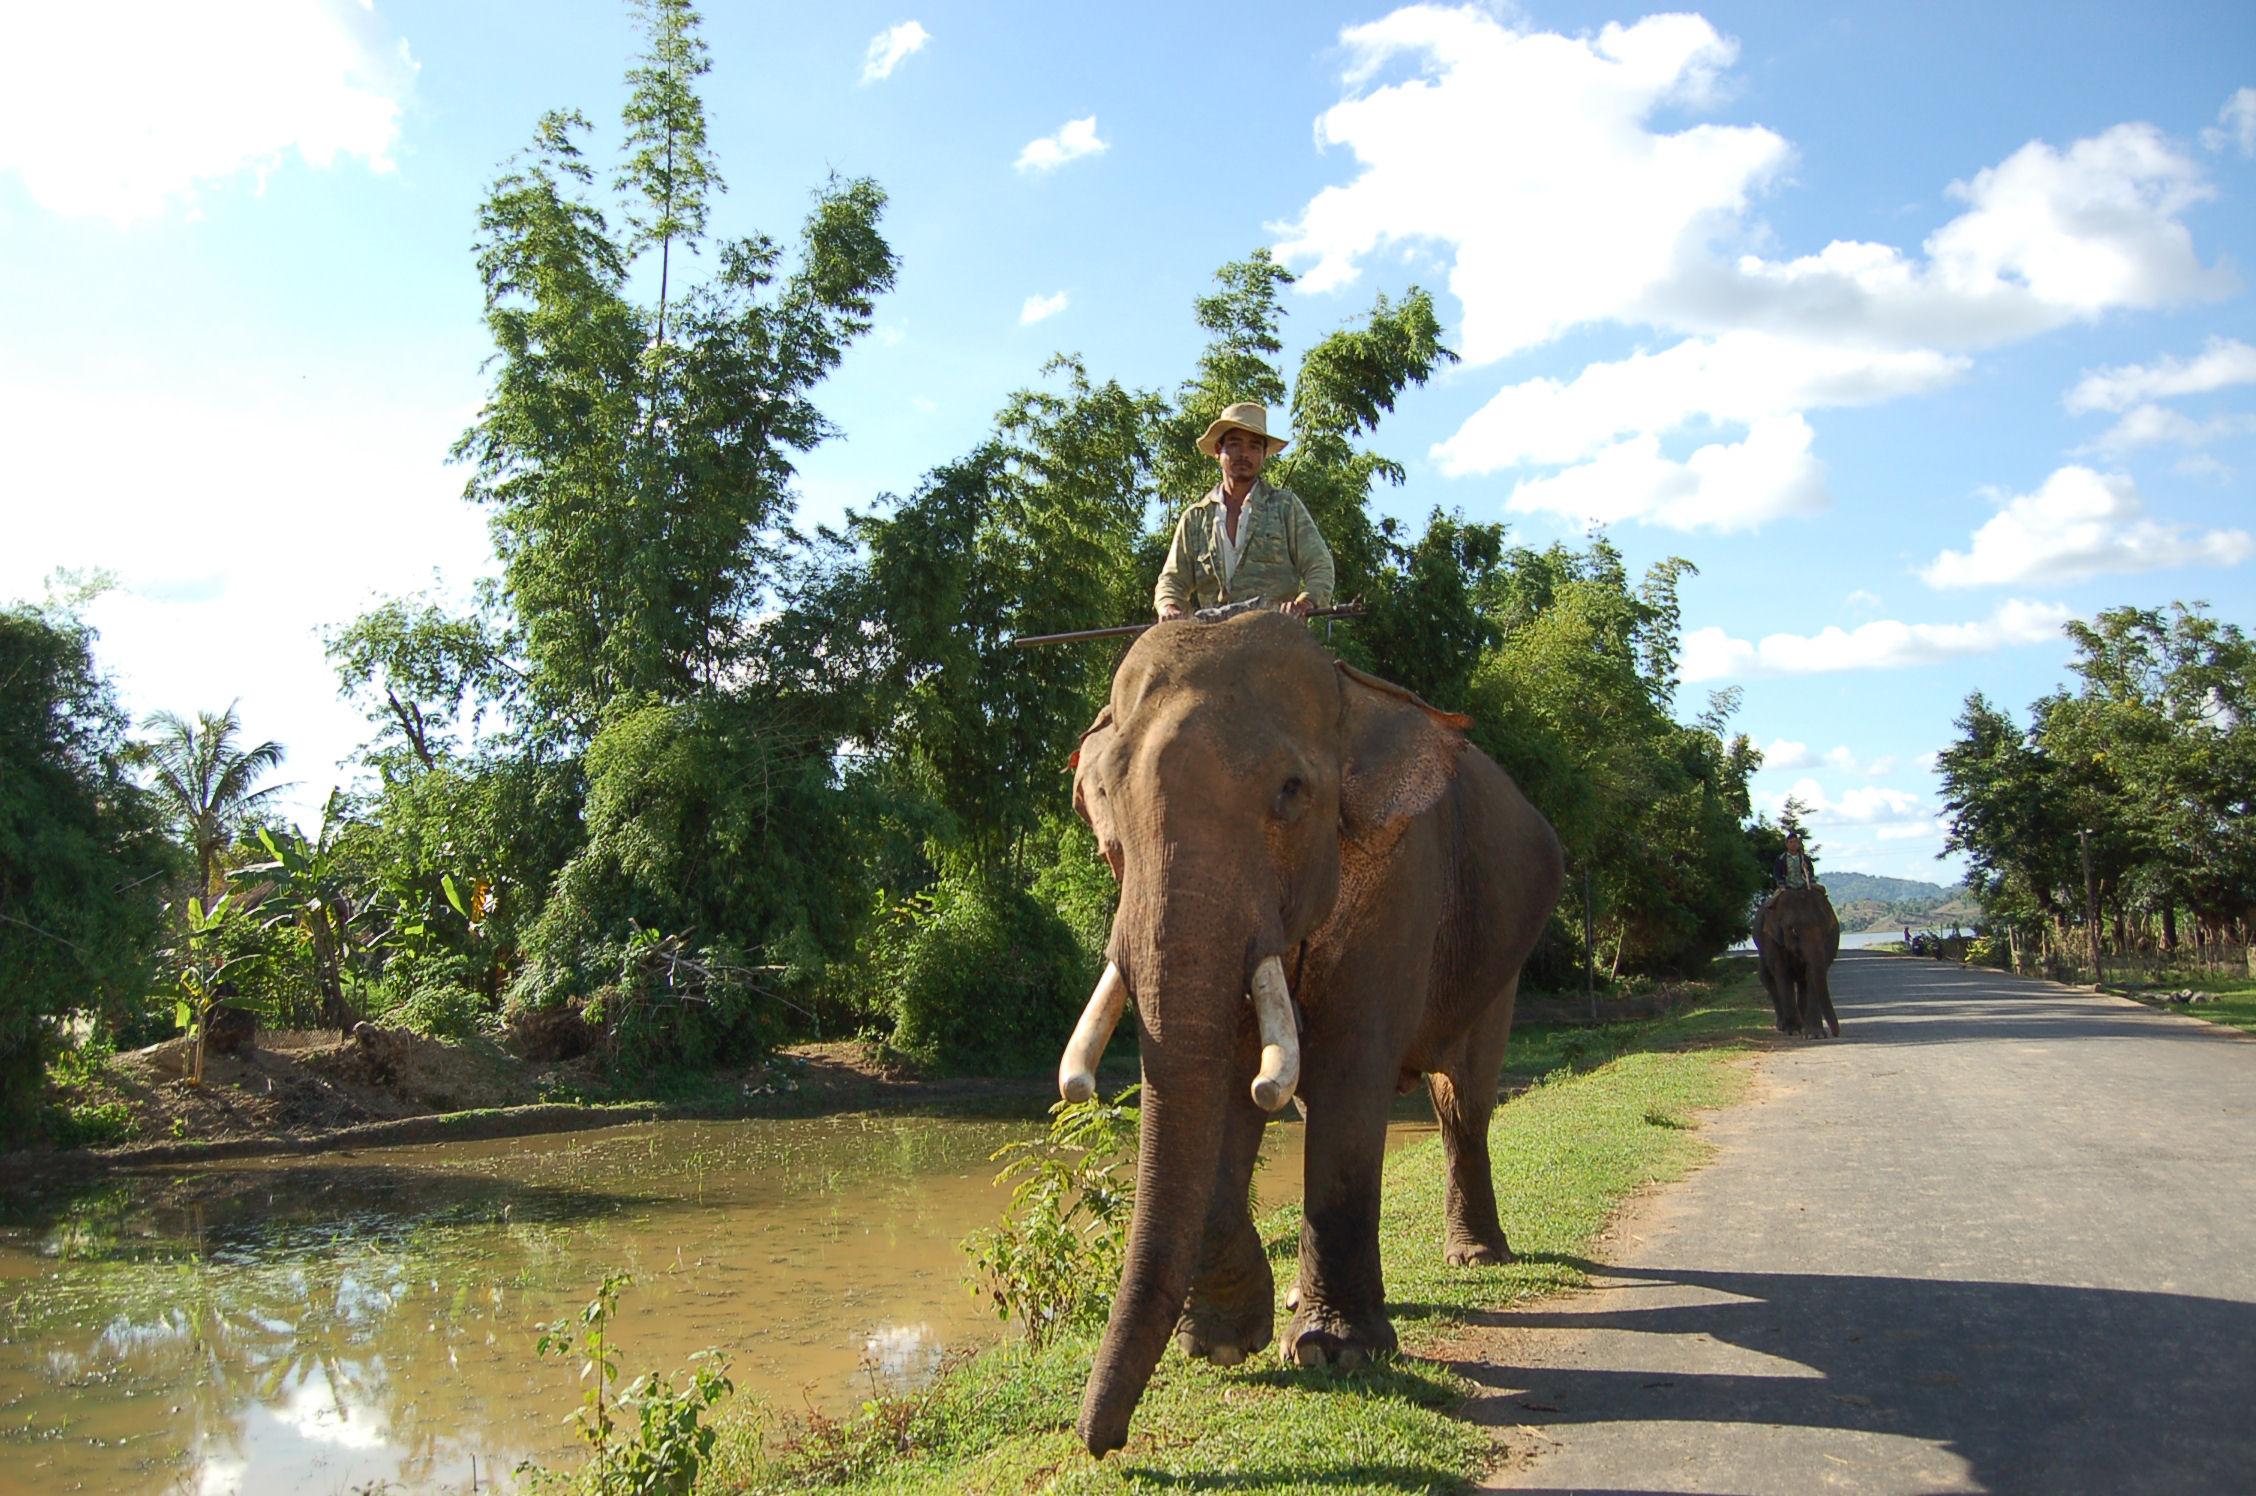 Elephant En Inde Signification cornac (métier) — wikipédia